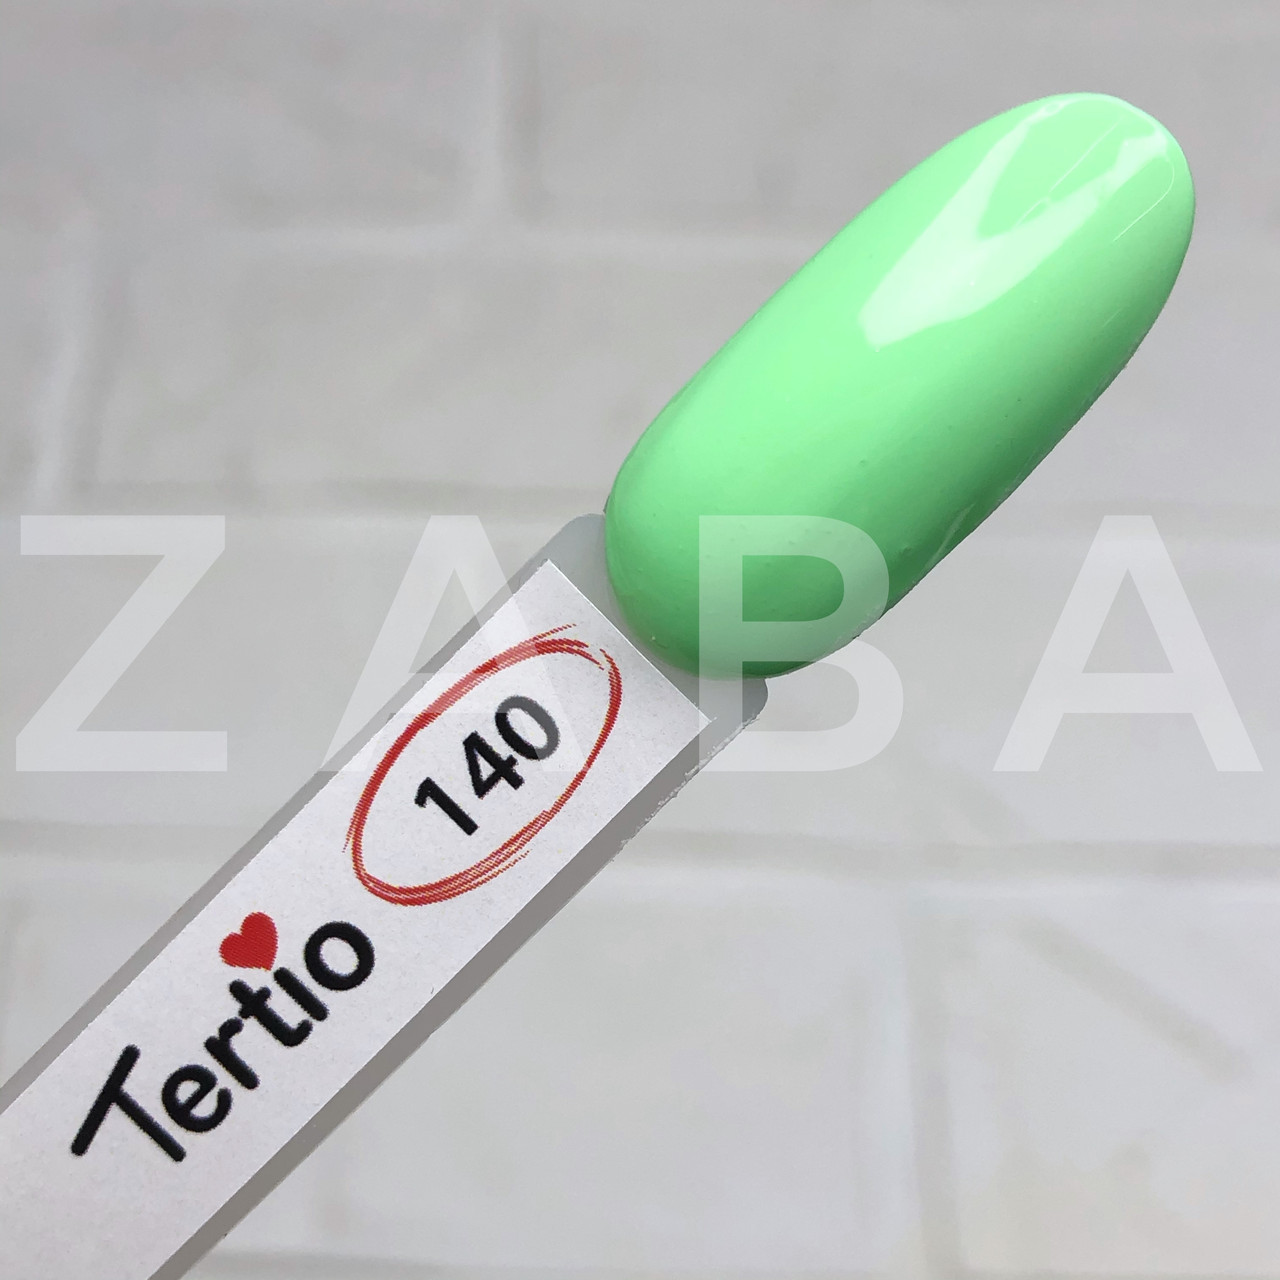 Гель-лак Tertio №140 - бледно-мятный, 10 мл